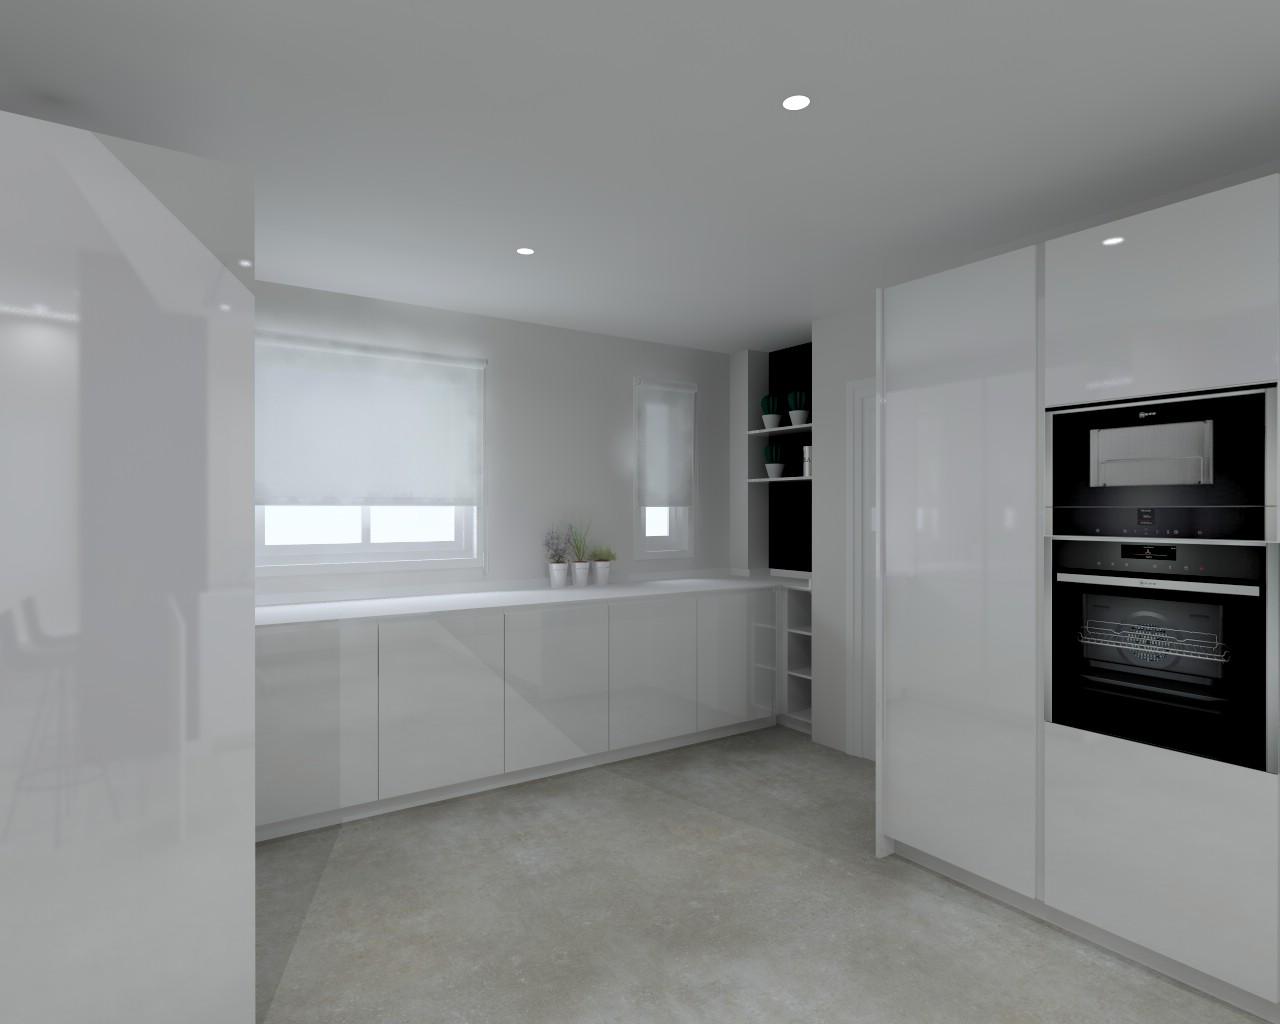 Cocina Santos Modelo Intra BD Lacado Brillo Blanco ...